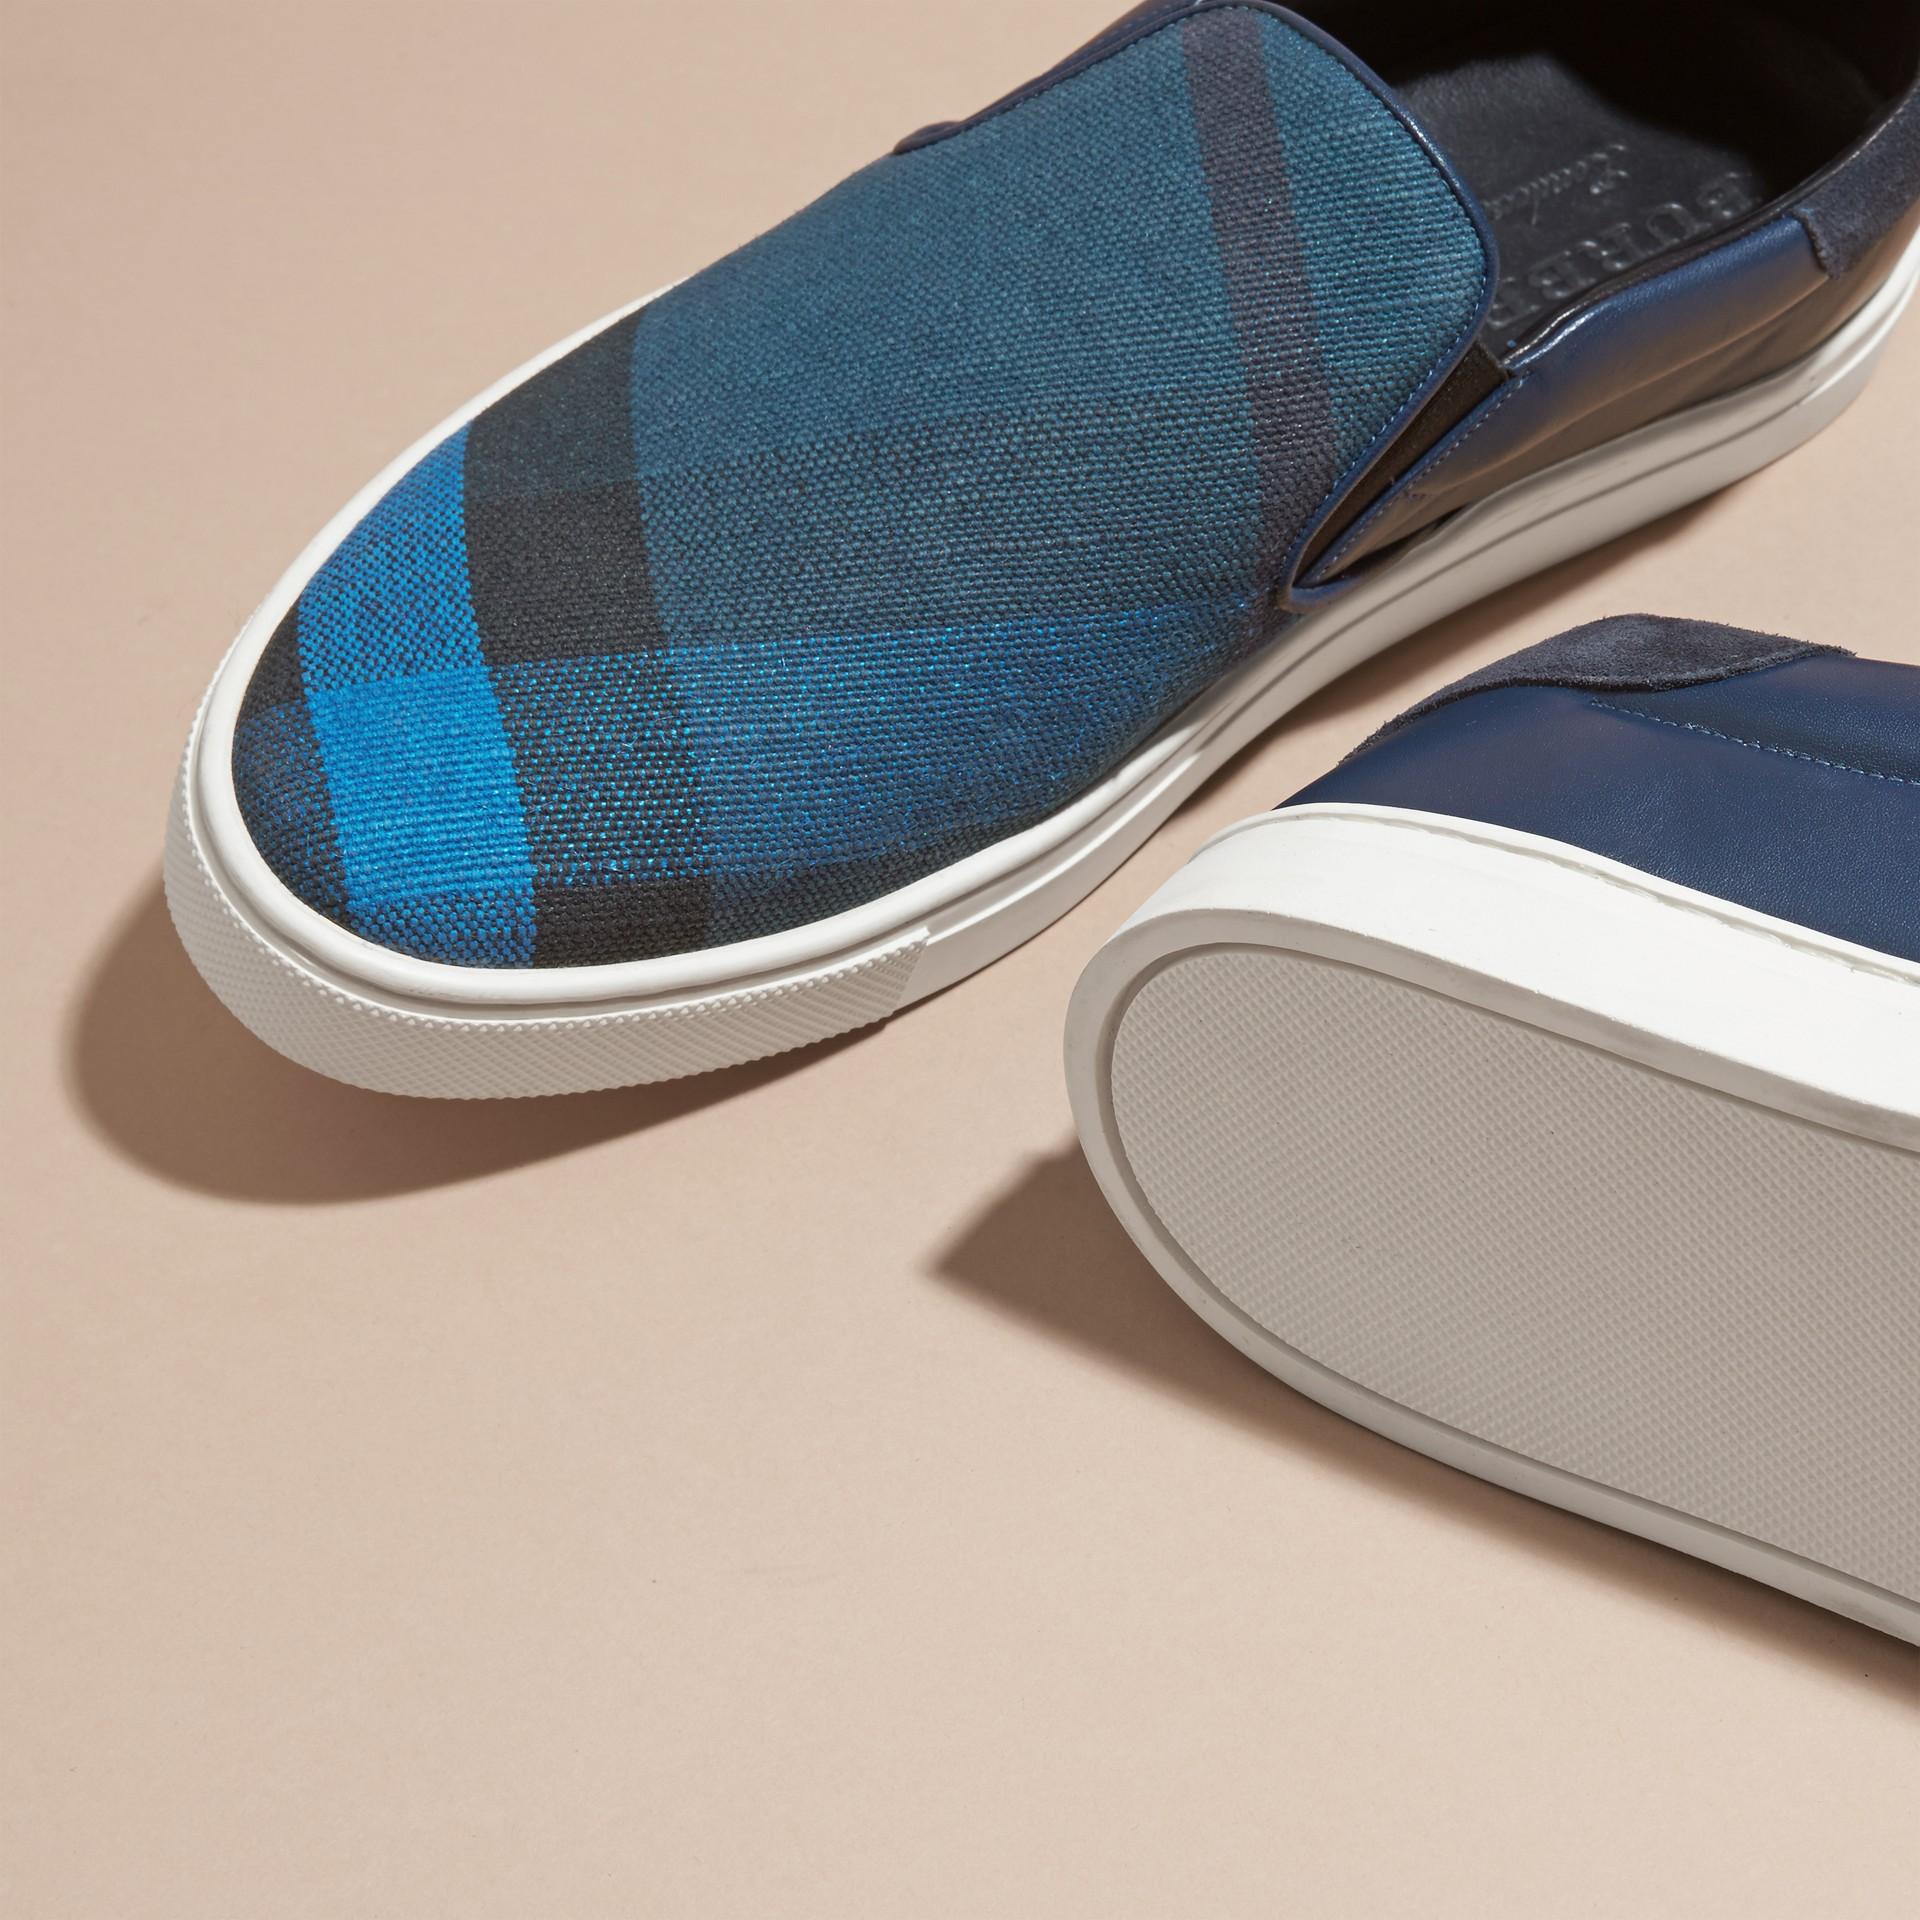 Azul ultramar/negro Zapatillas deportivas sin cordones de piel y checks Canvas Azul Ultramar/negro - imagen de la galería 5